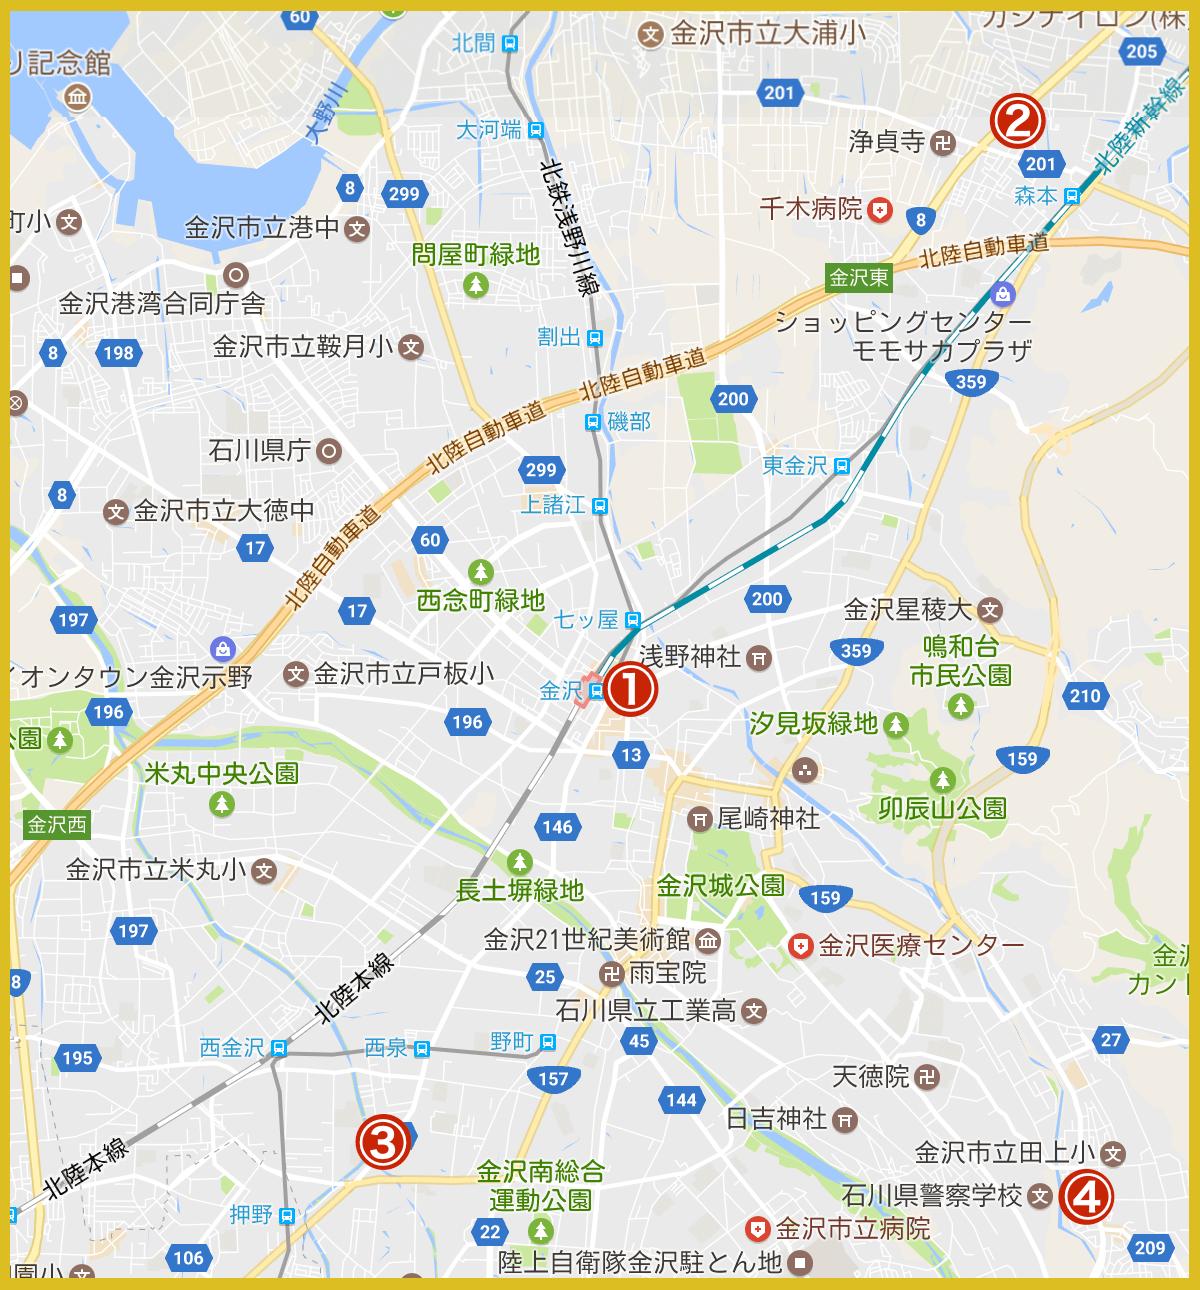 金沢市にあるプロミス店舗・ATMの位置(2020年版)